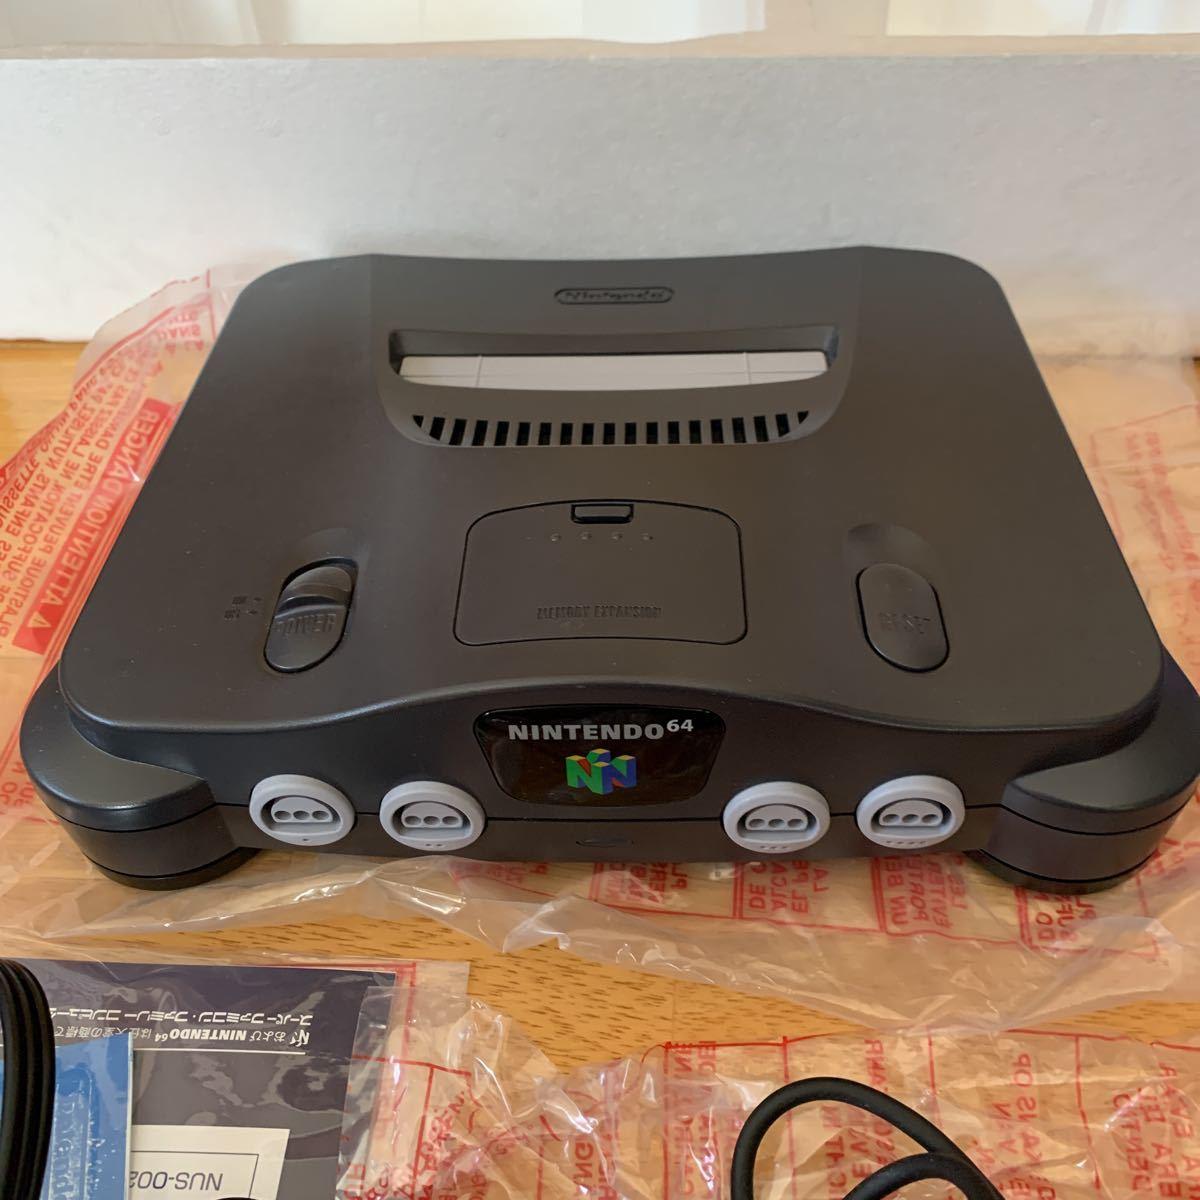 任天堂 ニンテンドー NINTENDO 64 本体 & ソフト マリオカート セット 使用品 美品 未使用に近い 送料無料